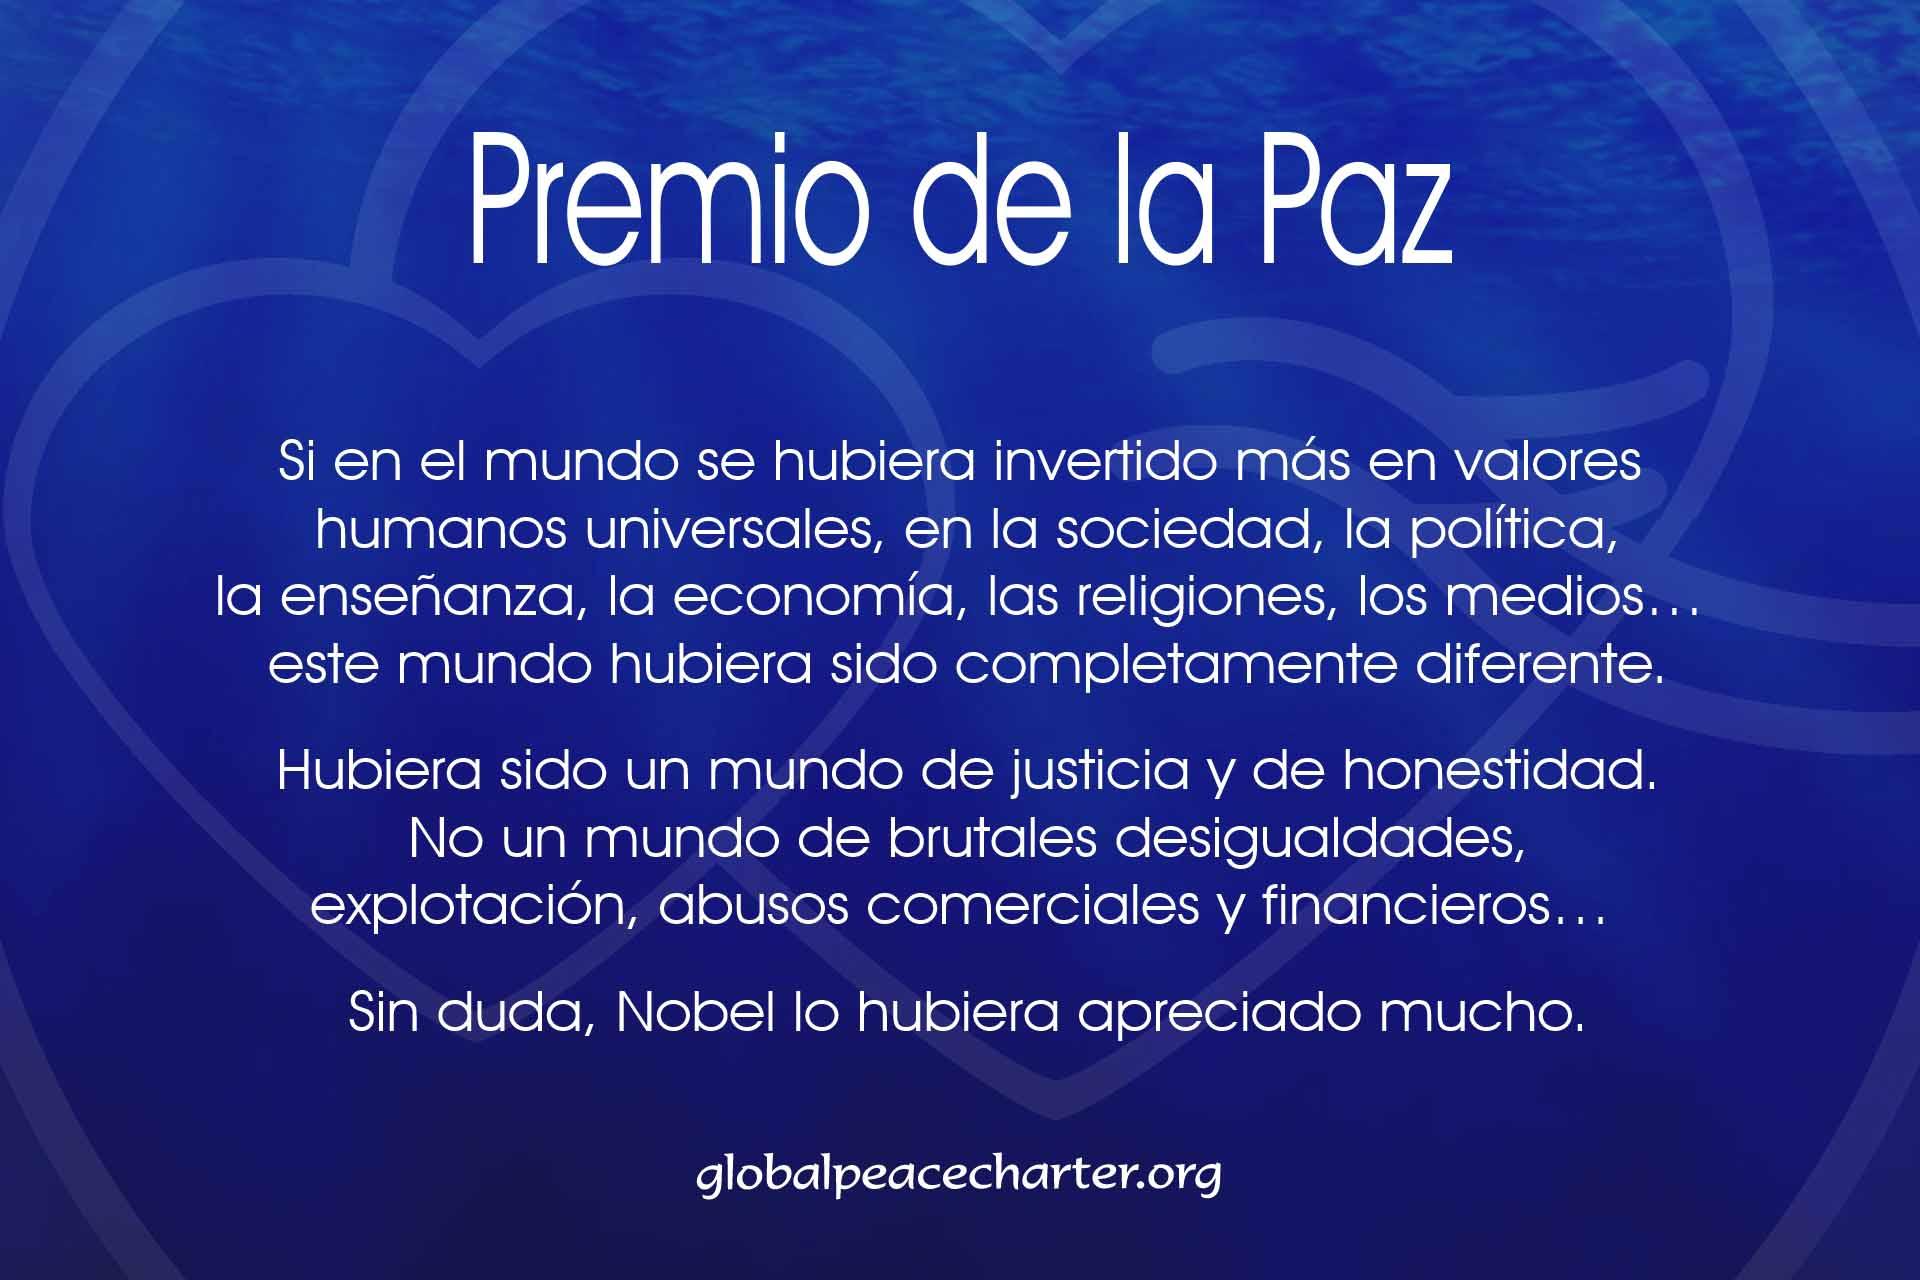 Premio de la Paz